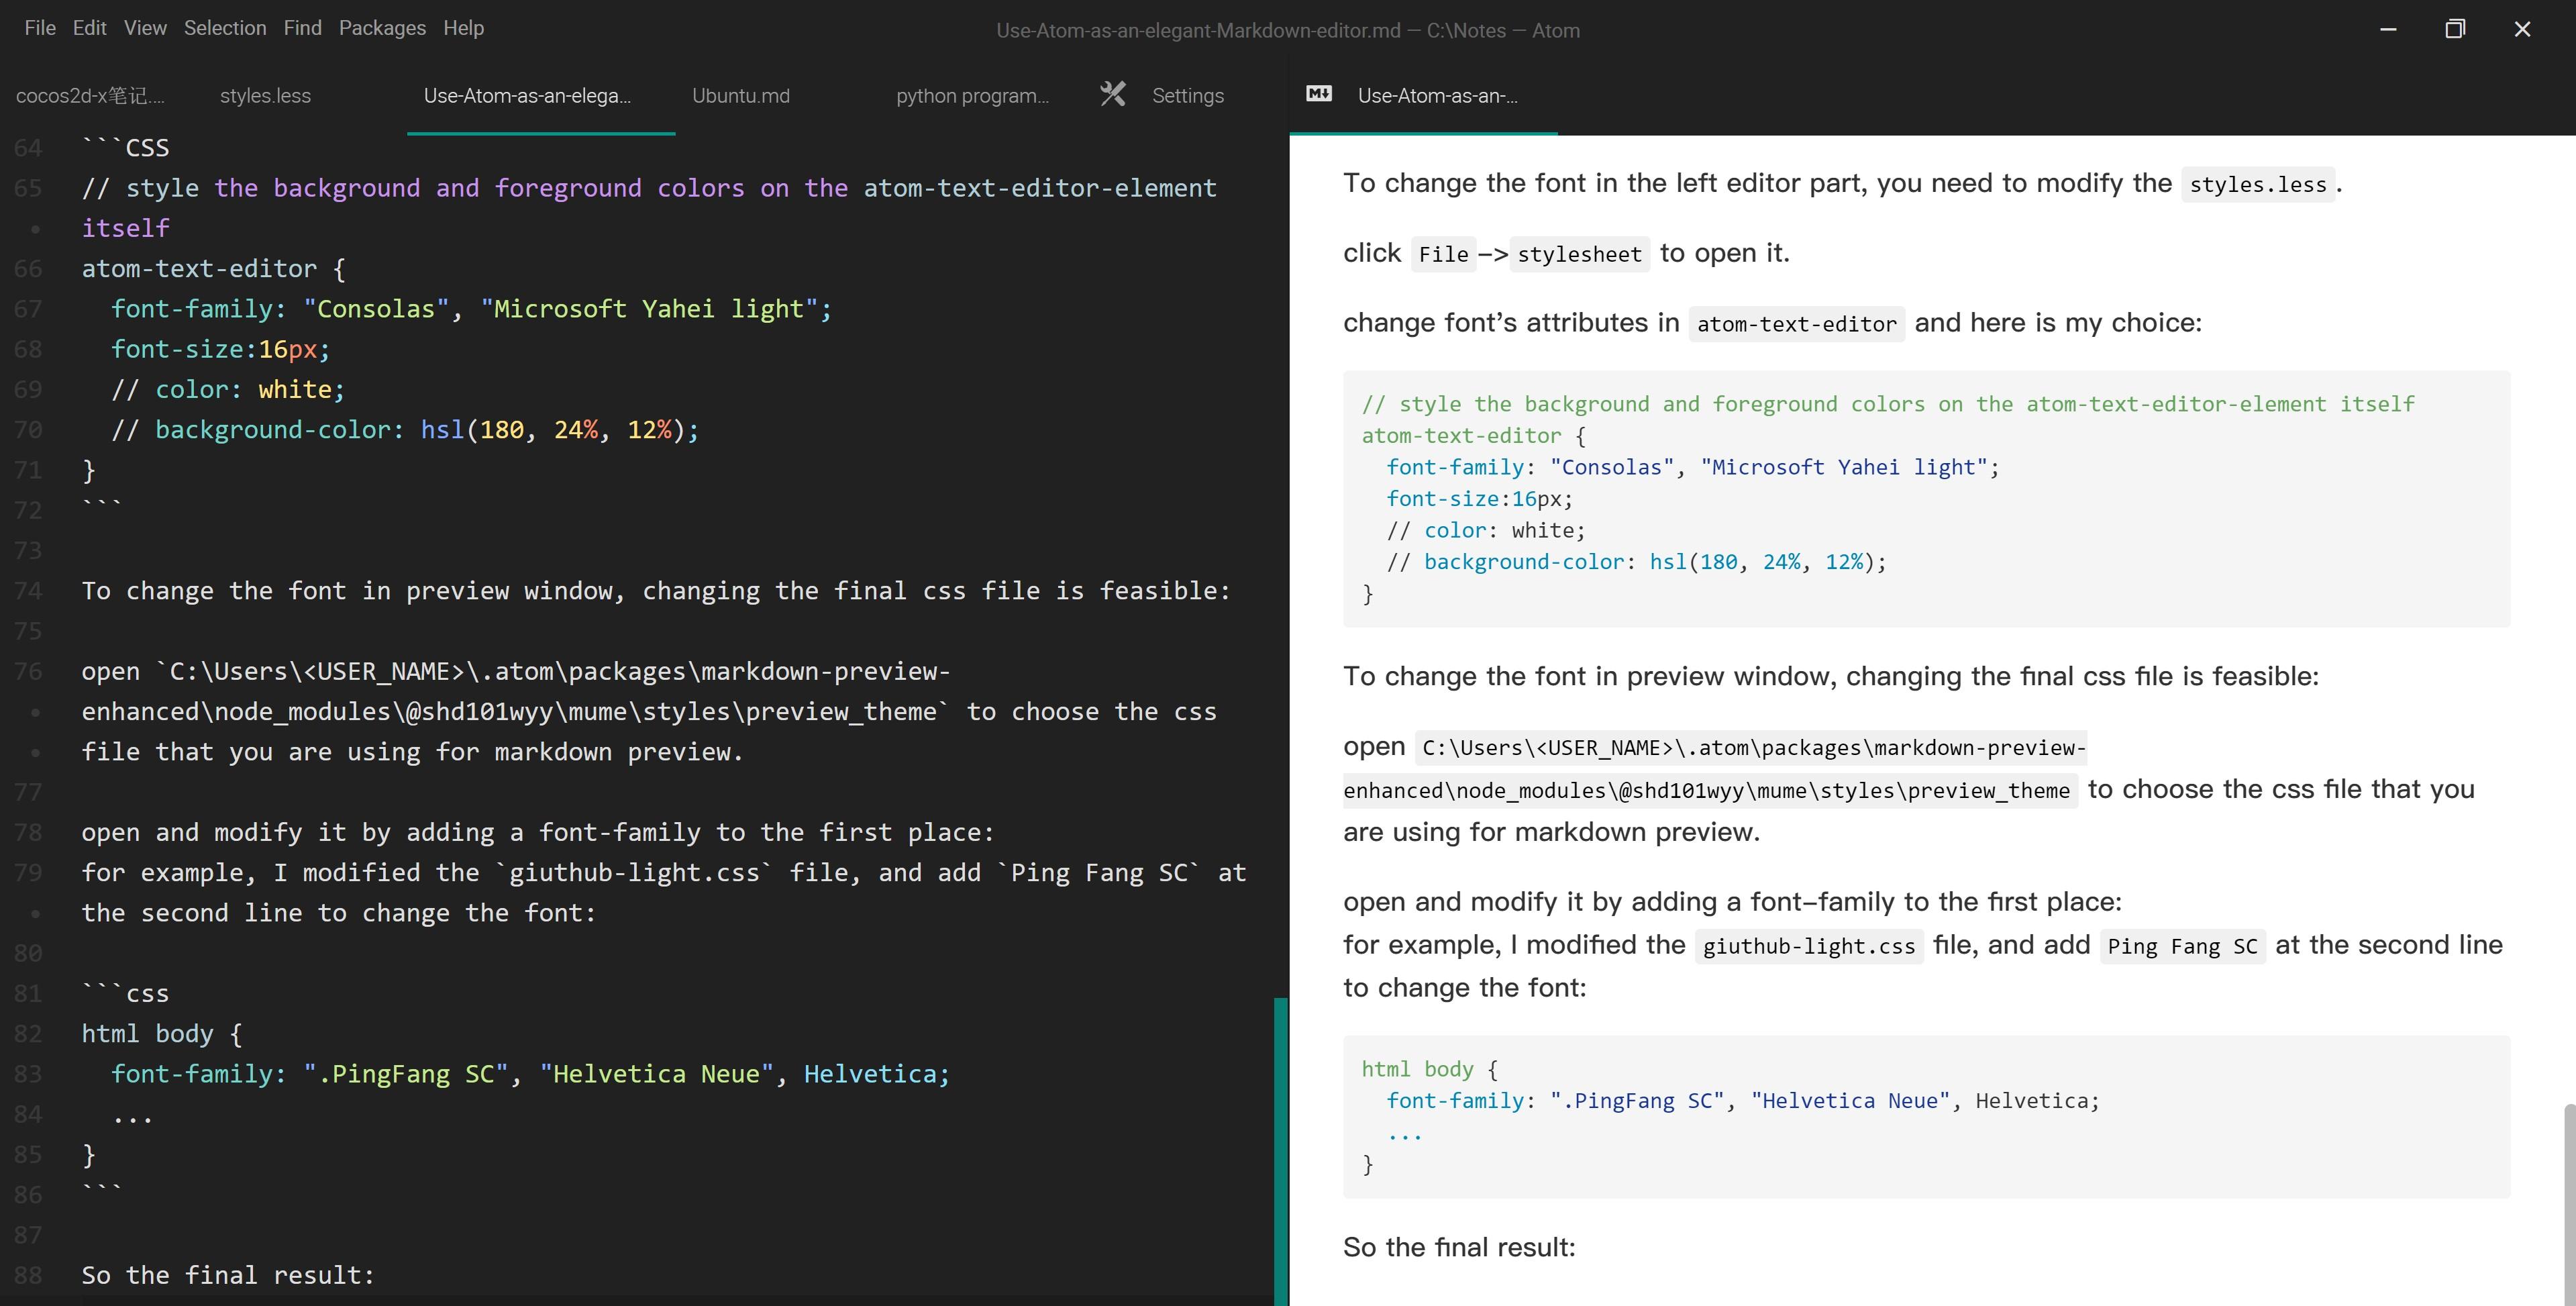 将Atom打造成完美的Markdown编辑器